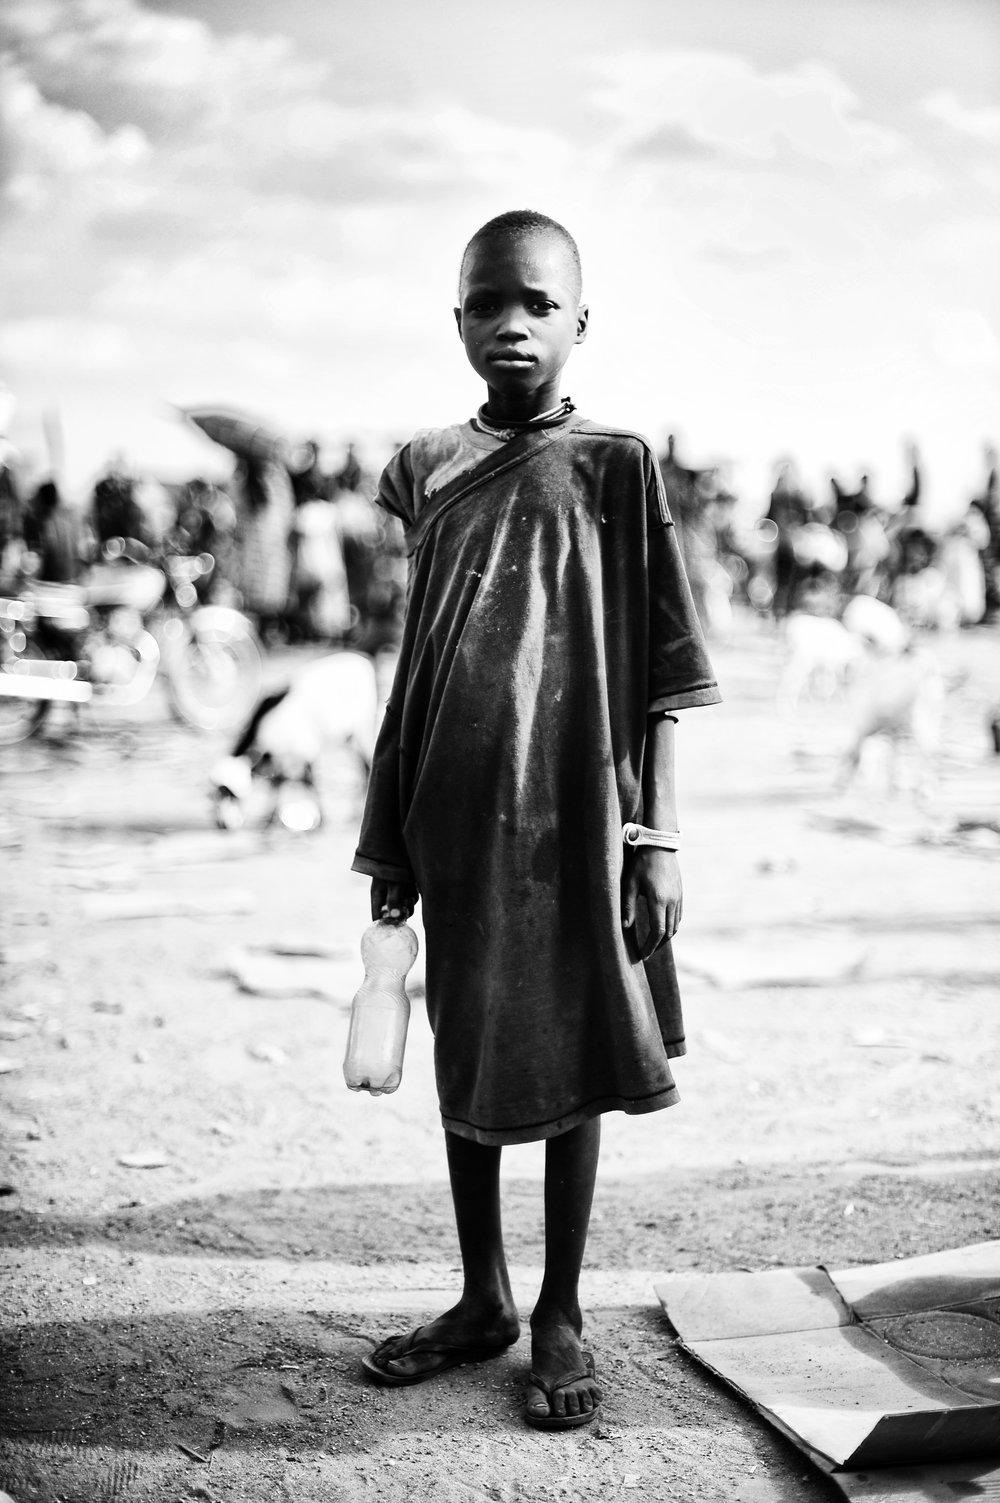 Walk or die South Sudan